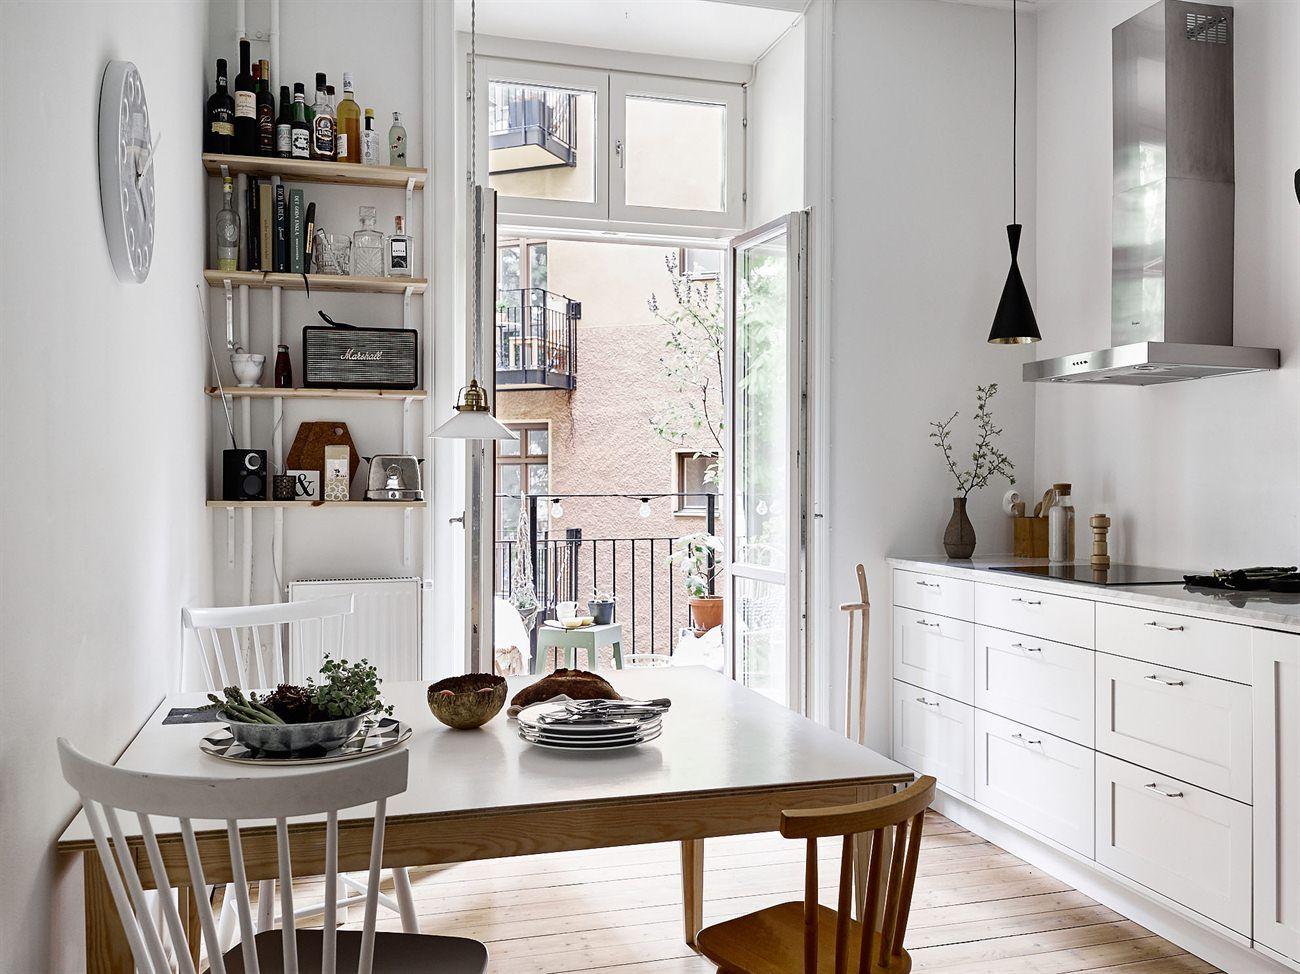 Lámparas colgantes sobre la encimera | Iluminacion cocina, Cocina ...